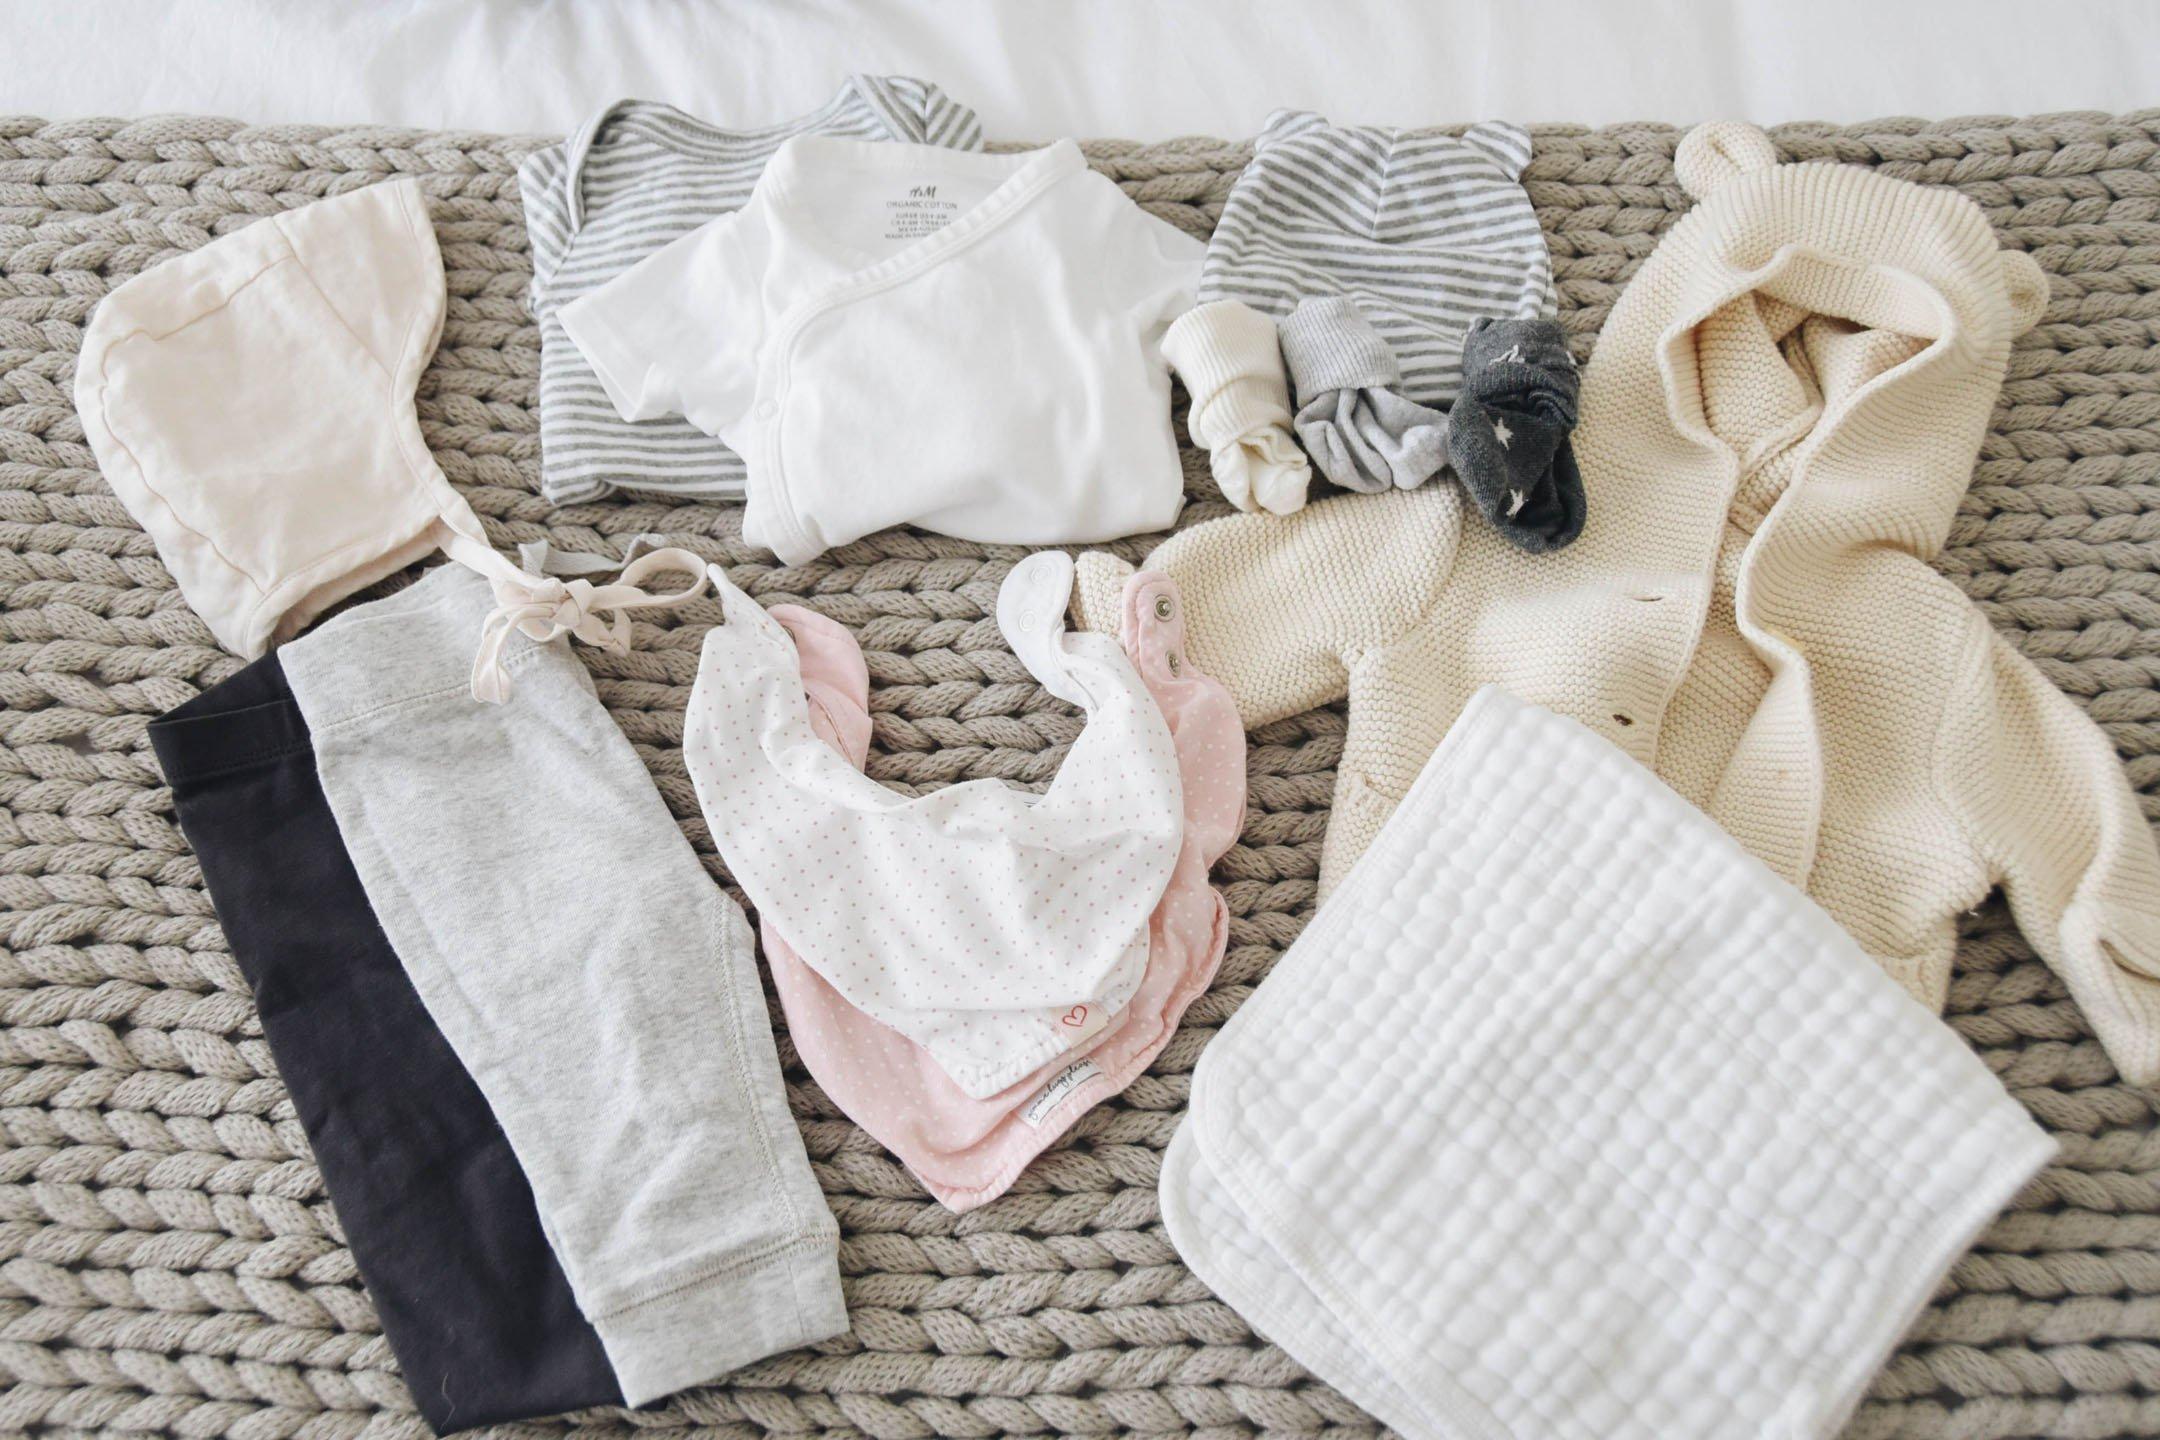 Extra clothes for diaper bag